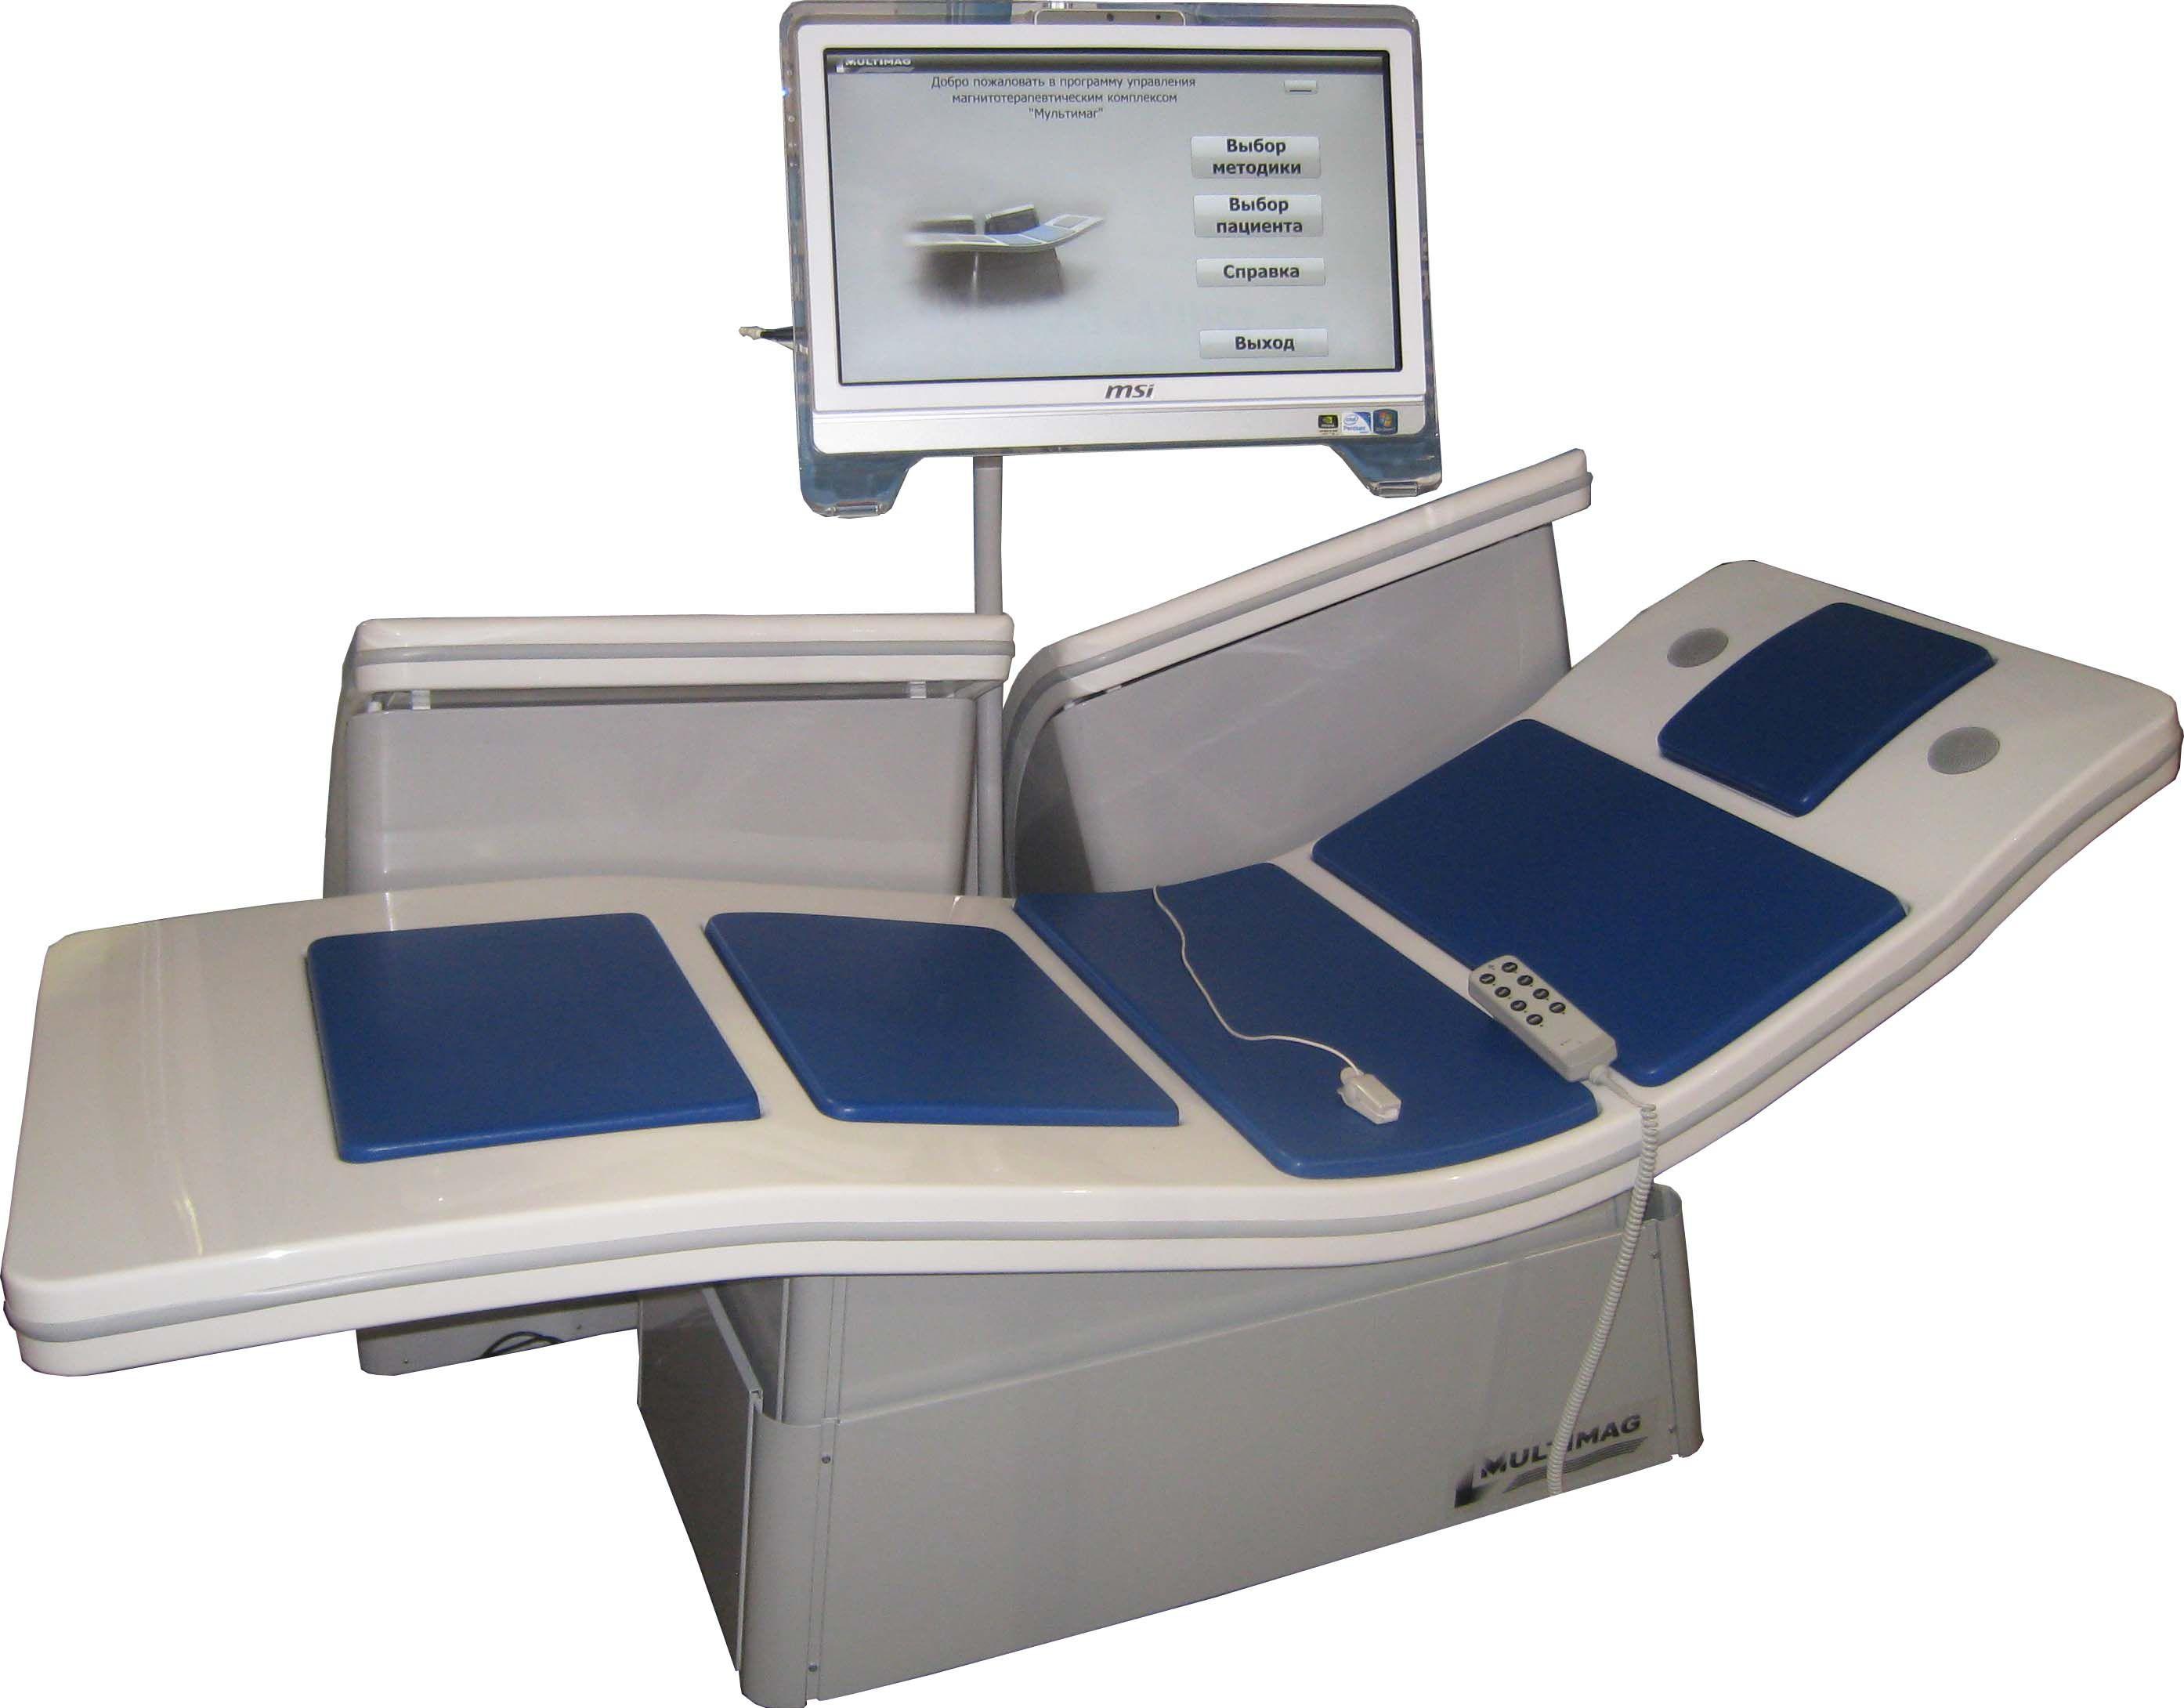 Цена на физиотерапевтическое оборудование